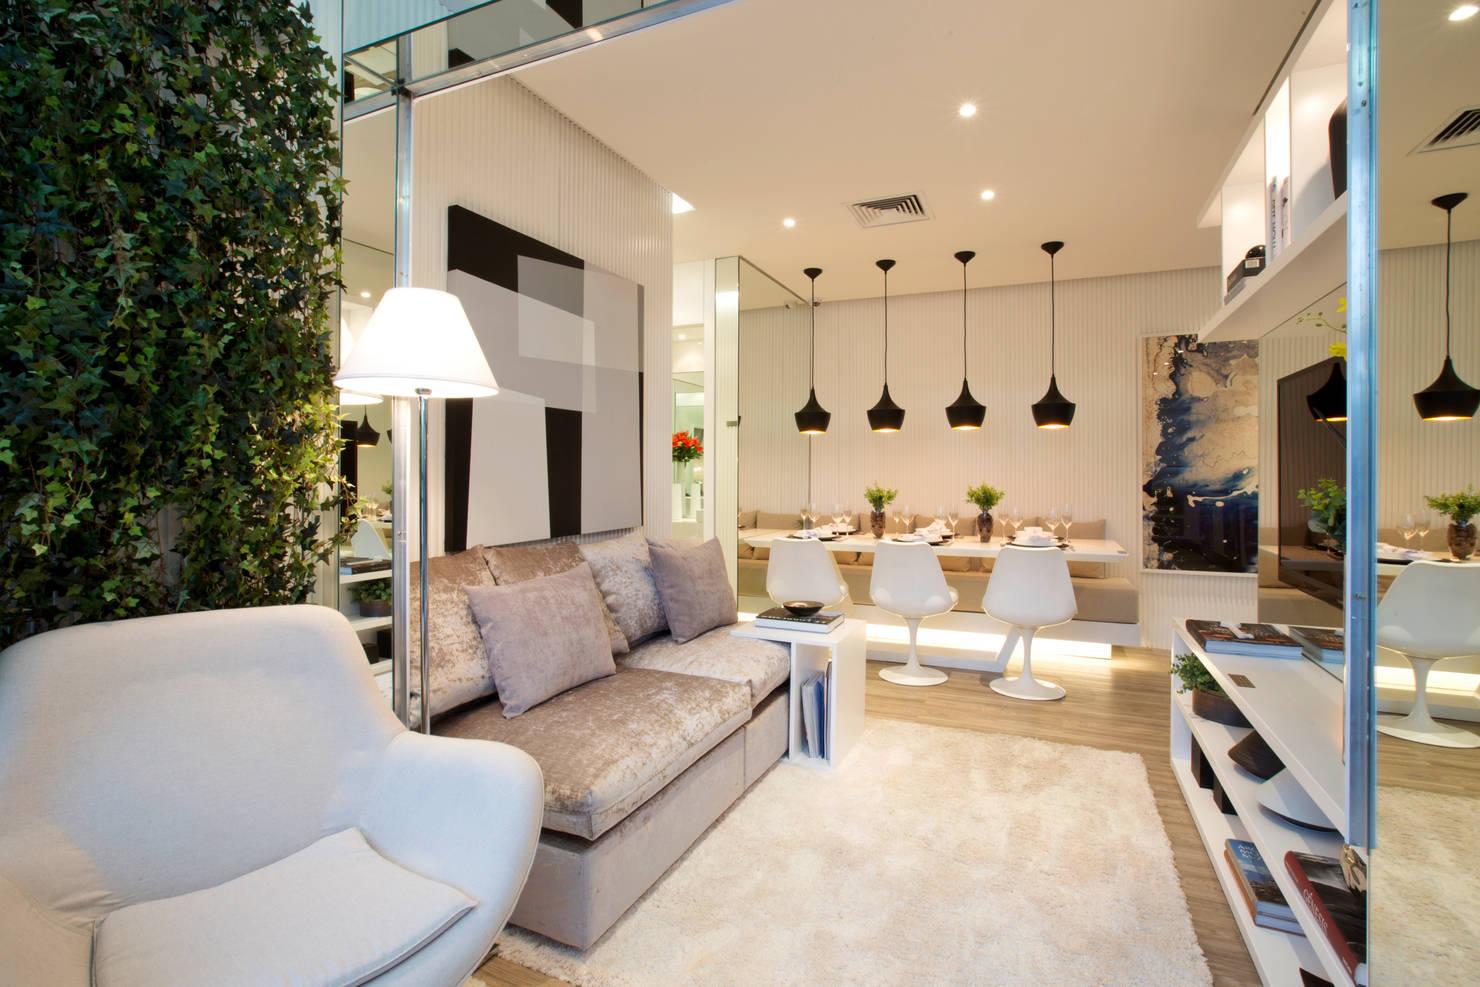 Piccolo Appartamento di soli 53 m² con Idee Mozzafiato